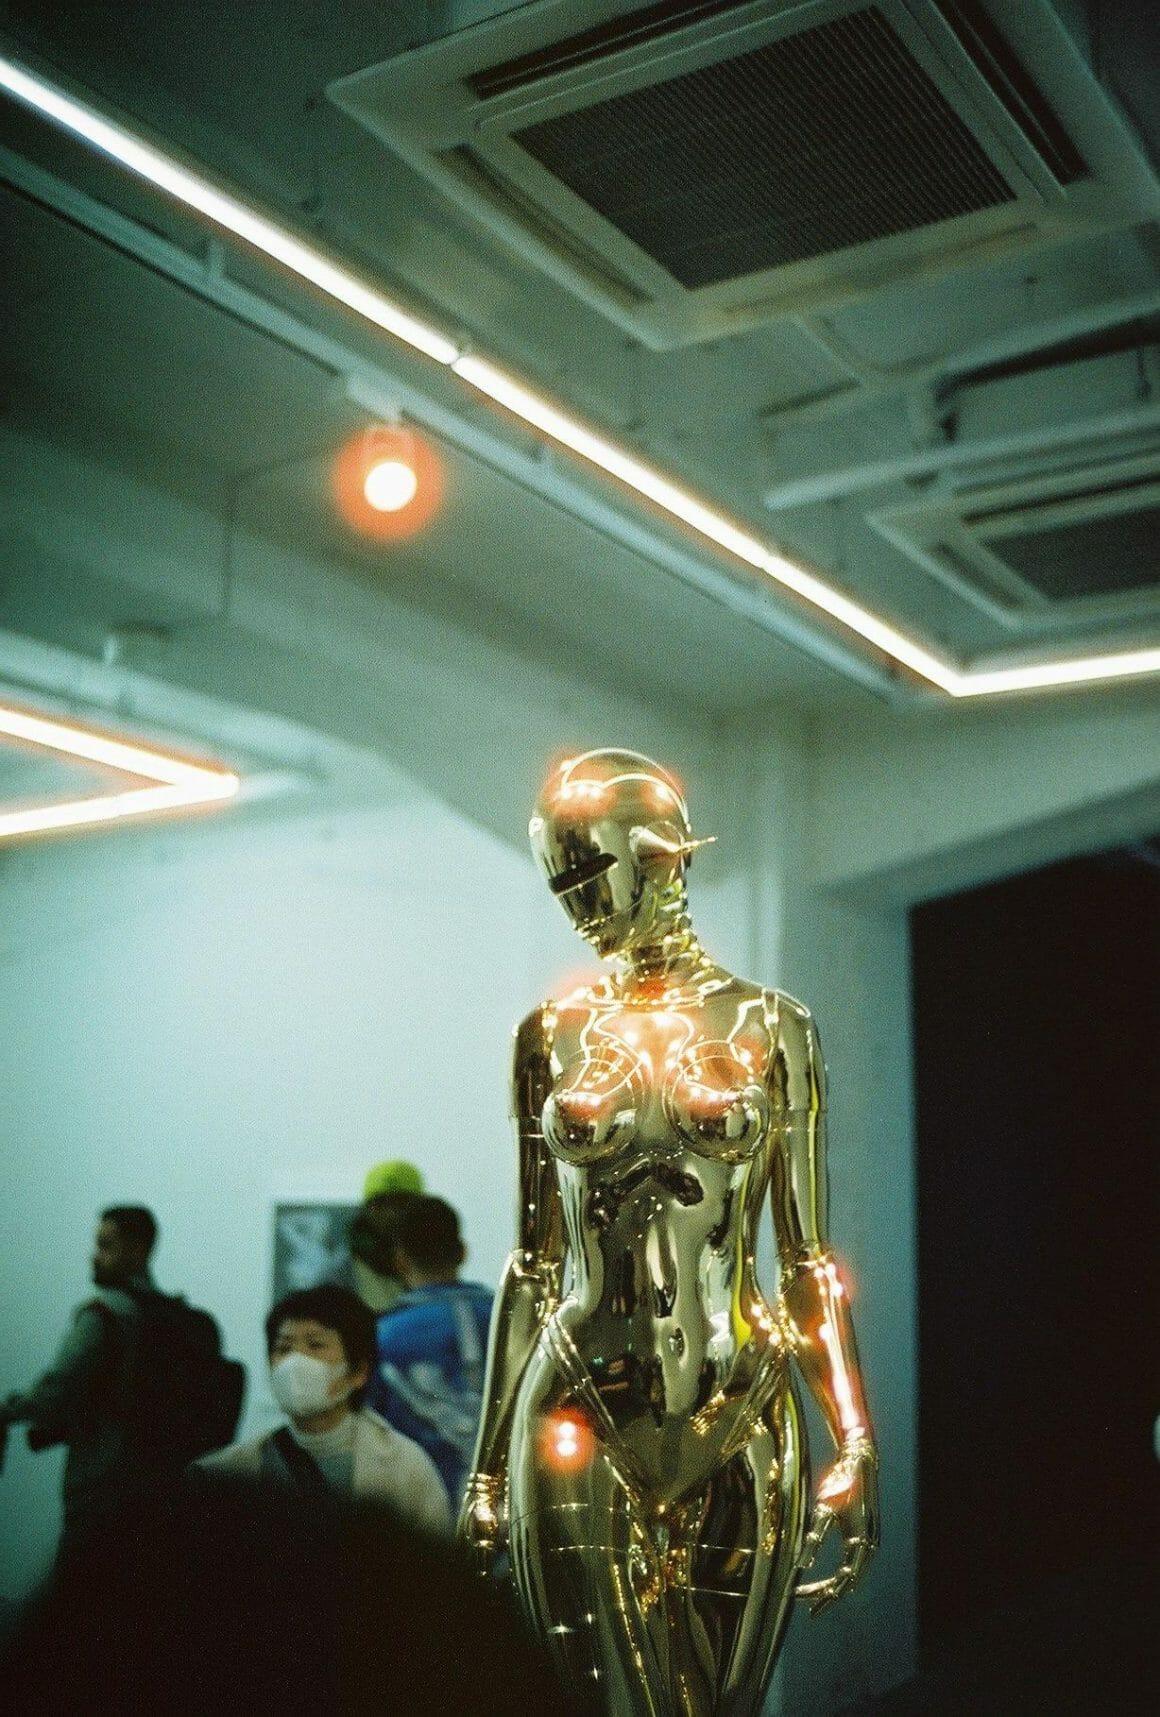 statue représentant un sexy robot réalisée dans le cadre d'une exposition par l'artiste japonais Hajime Sorayama